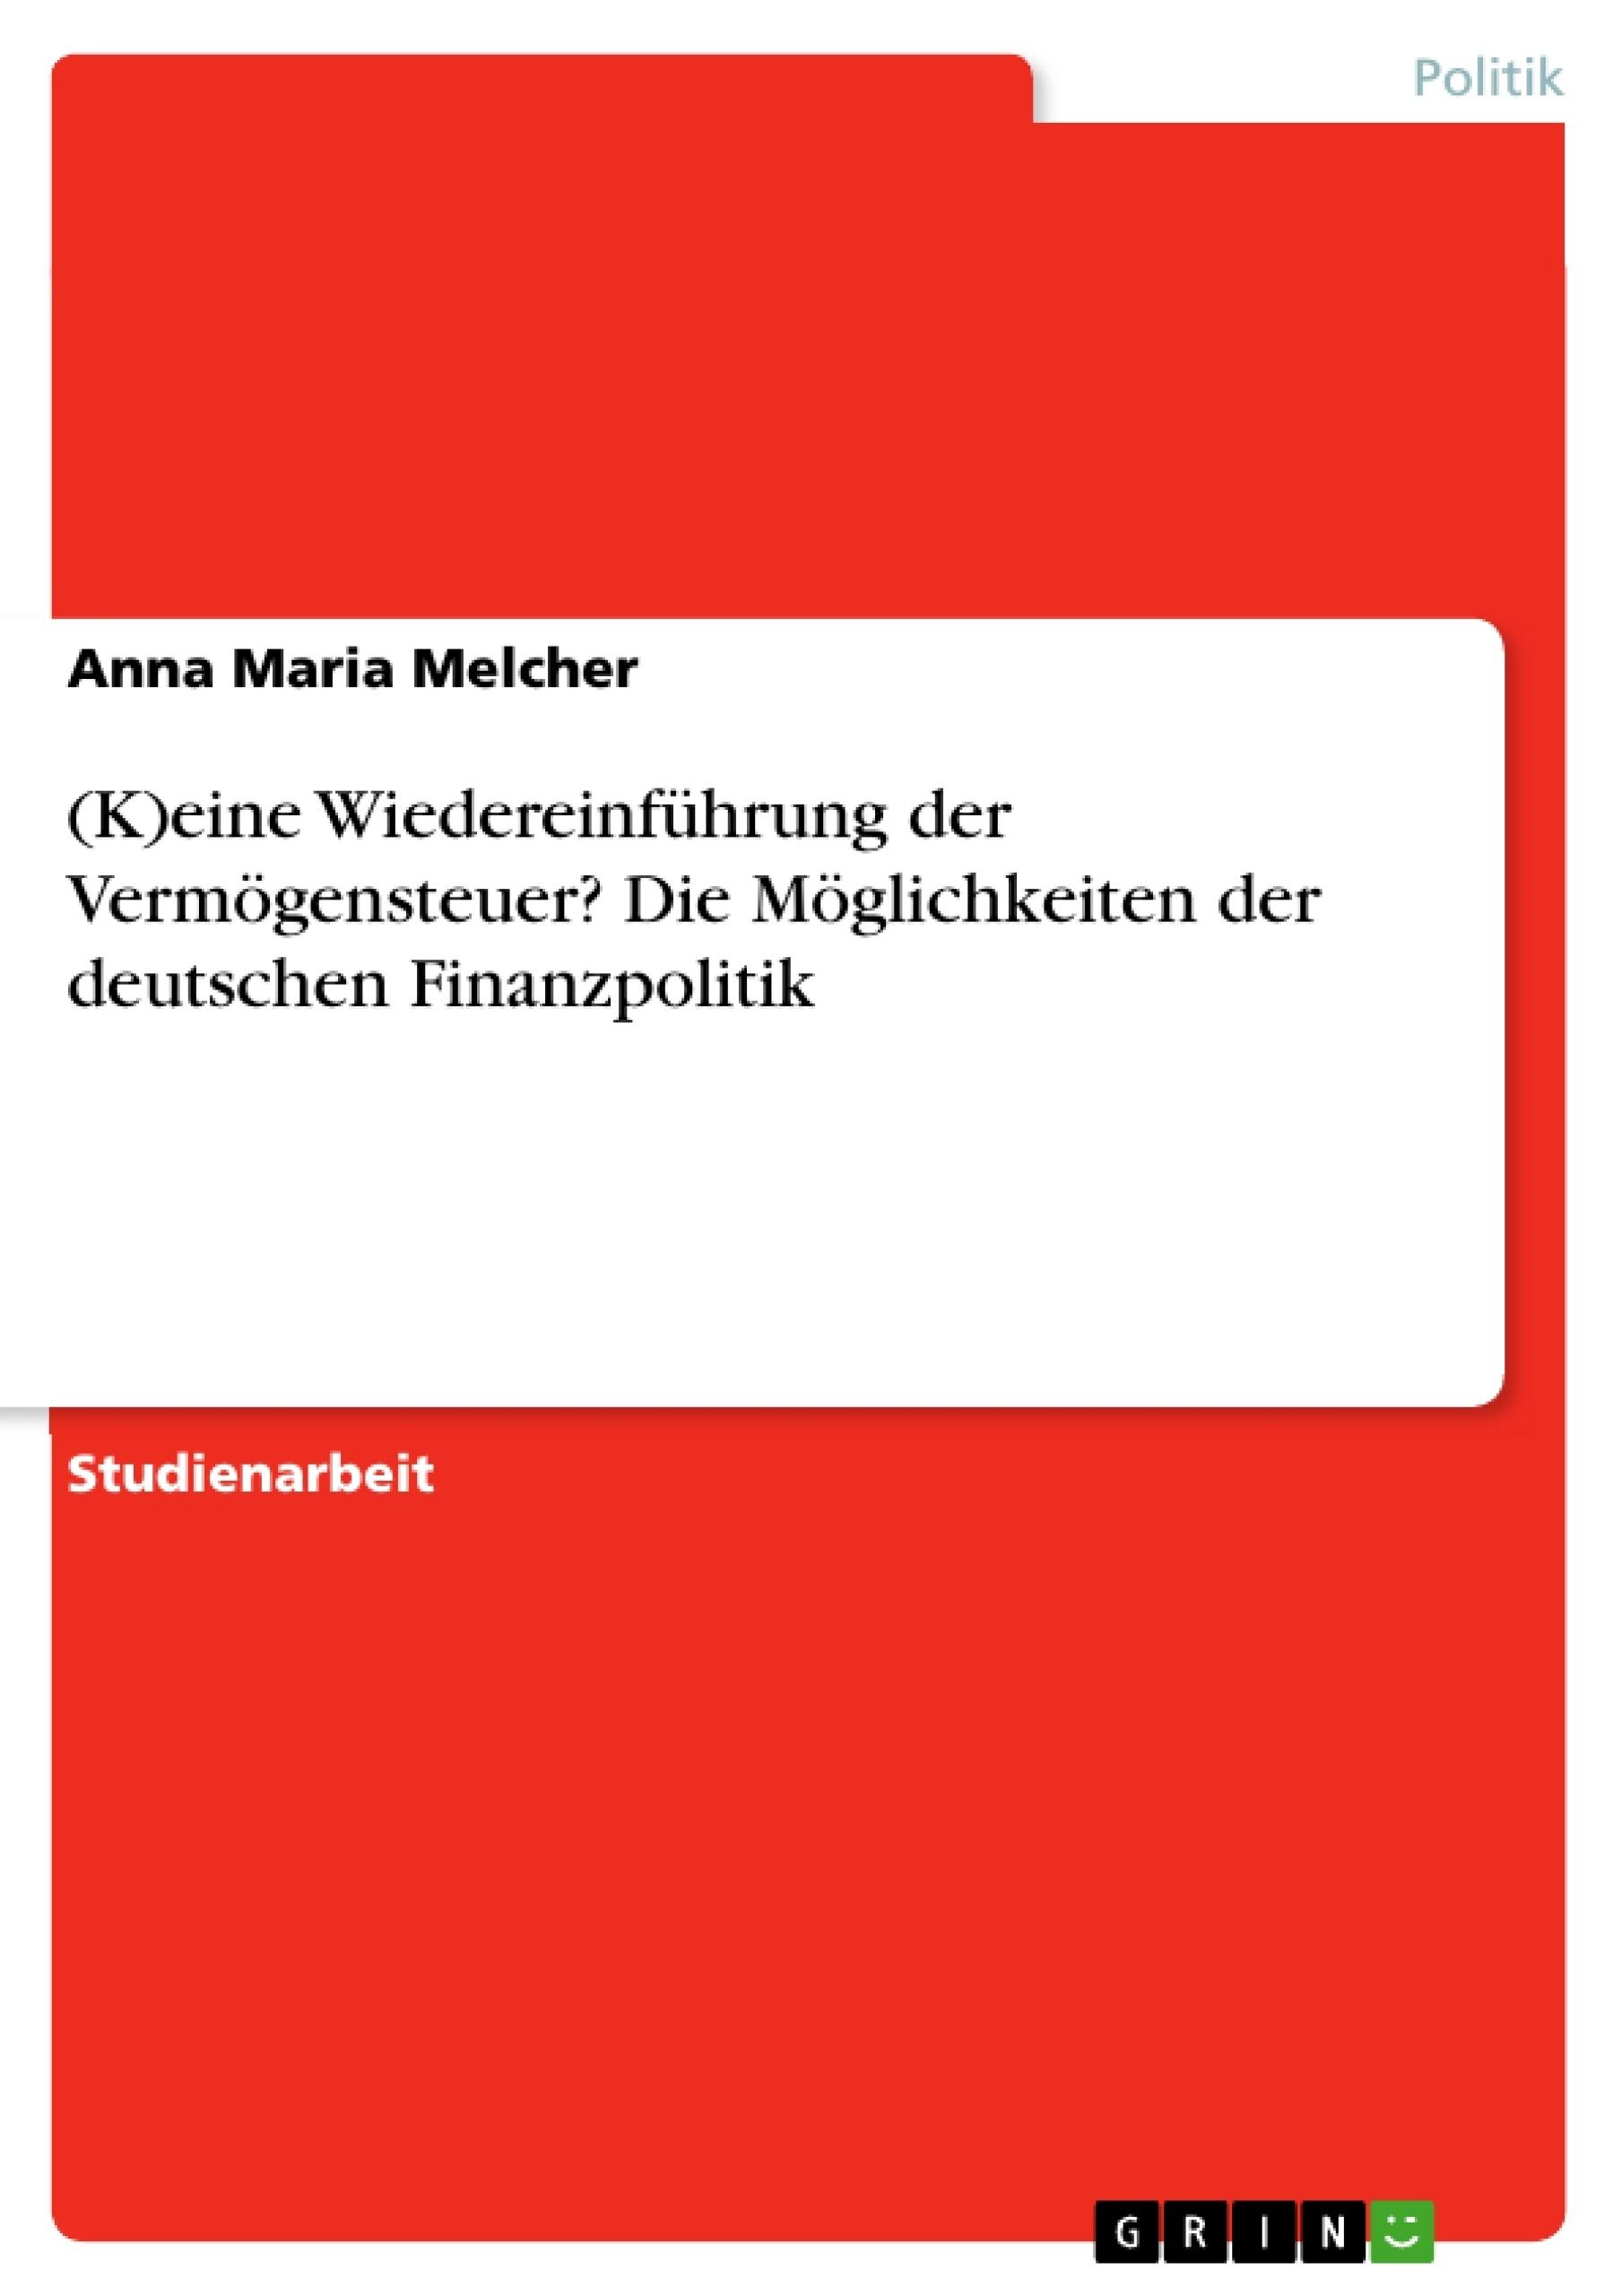 Titel: (K)eine Wiedereinführung der Vermögensteuer? Die Möglichkeiten der deutschen Finanzpolitik